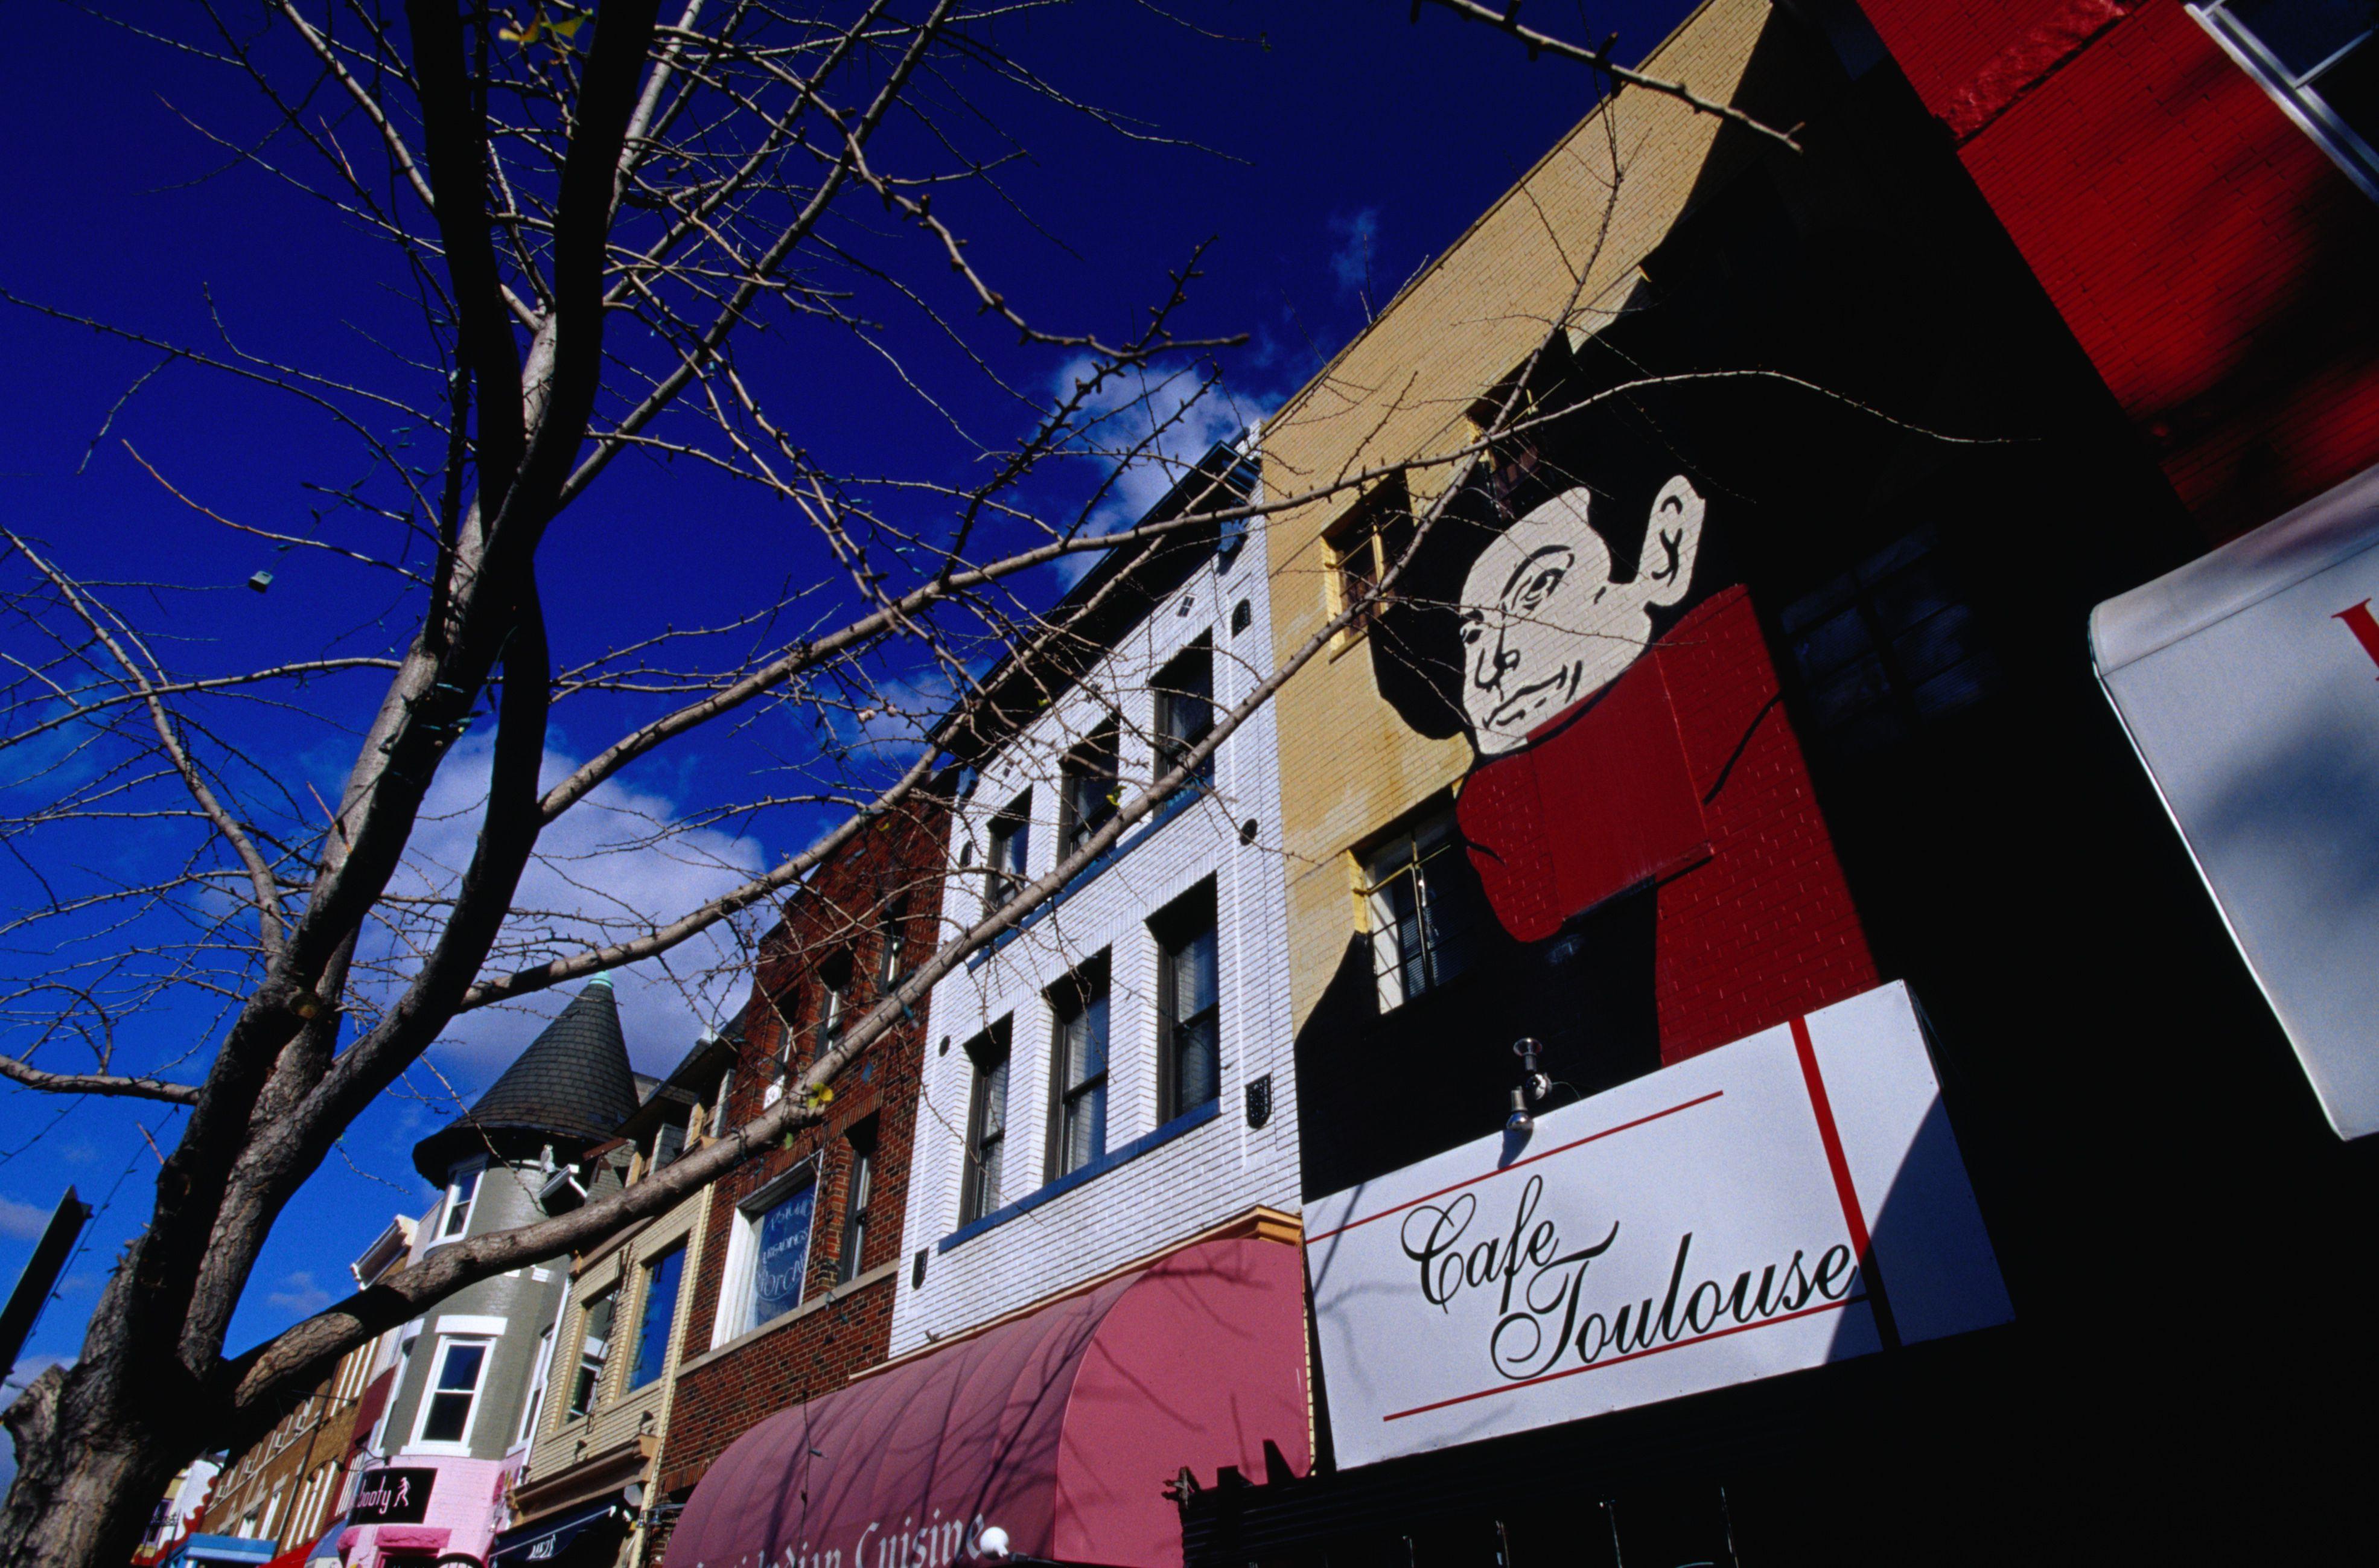 18th Street facades in Adams Morgan.